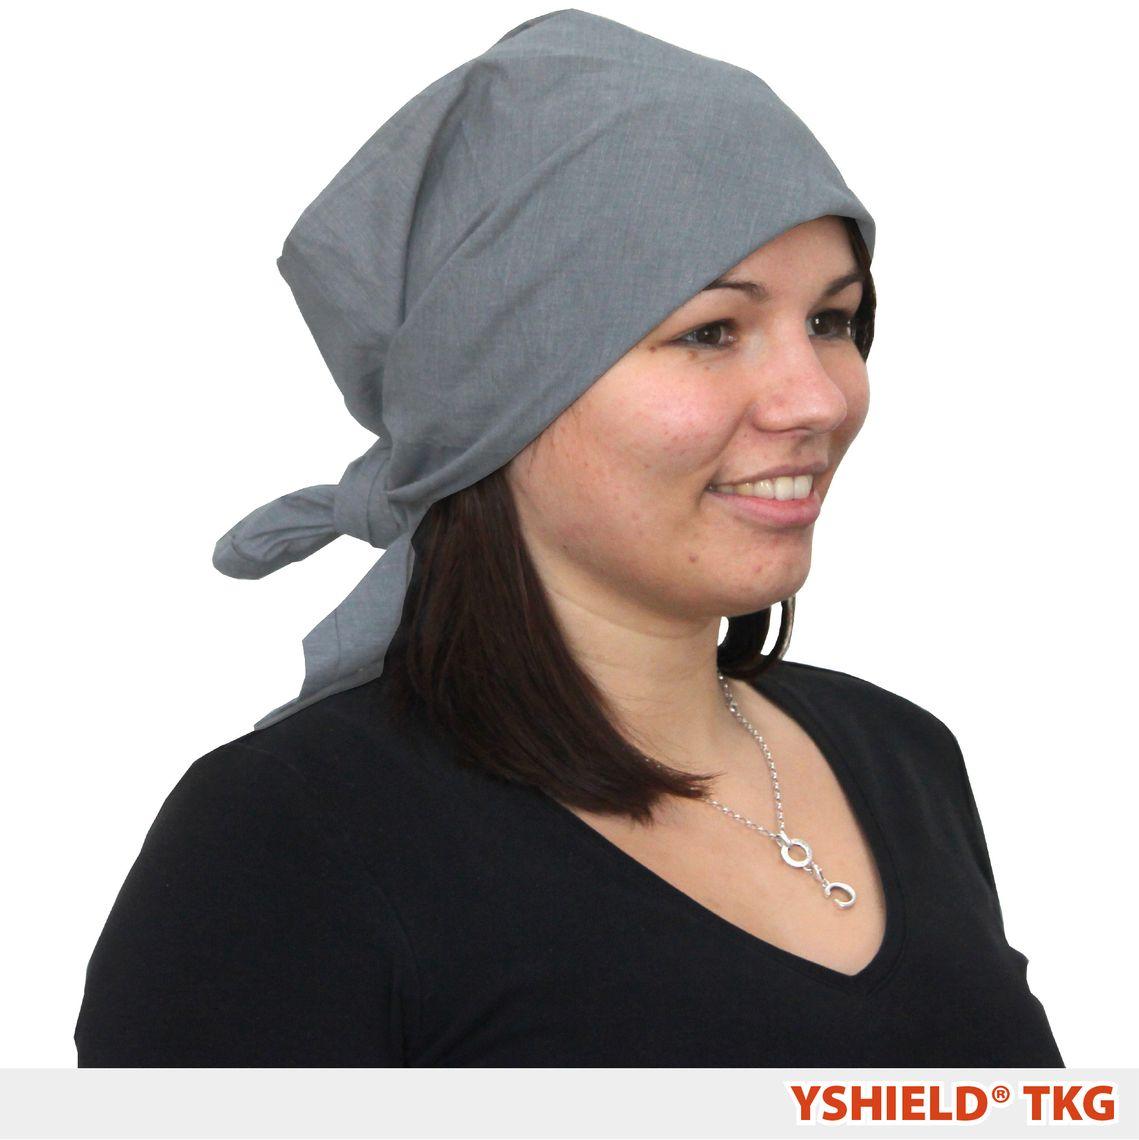 YSHIELD® TKG4   Abschirmendes Kopftuch   Steel-Gray Quadratisch